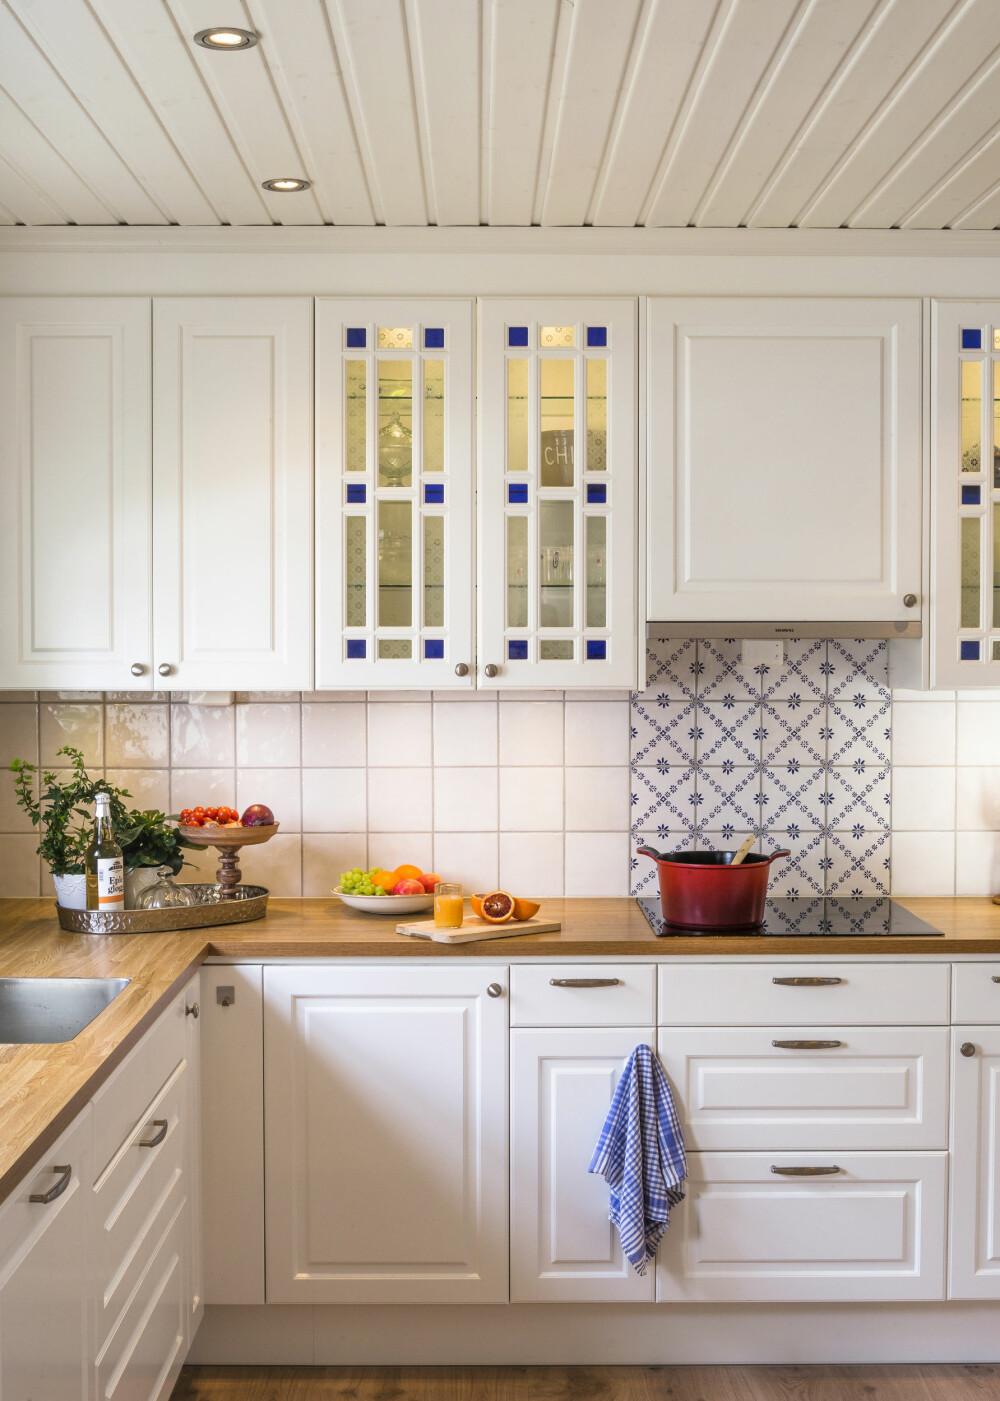 KONTRASTER: To forskjellige fliser er brukt i sprutsonen. Bak ovnen valgte paret blå og hvite fliser, for å bryte opp litt i alt det hvite. Blåfargen går igjen i glassdørene.